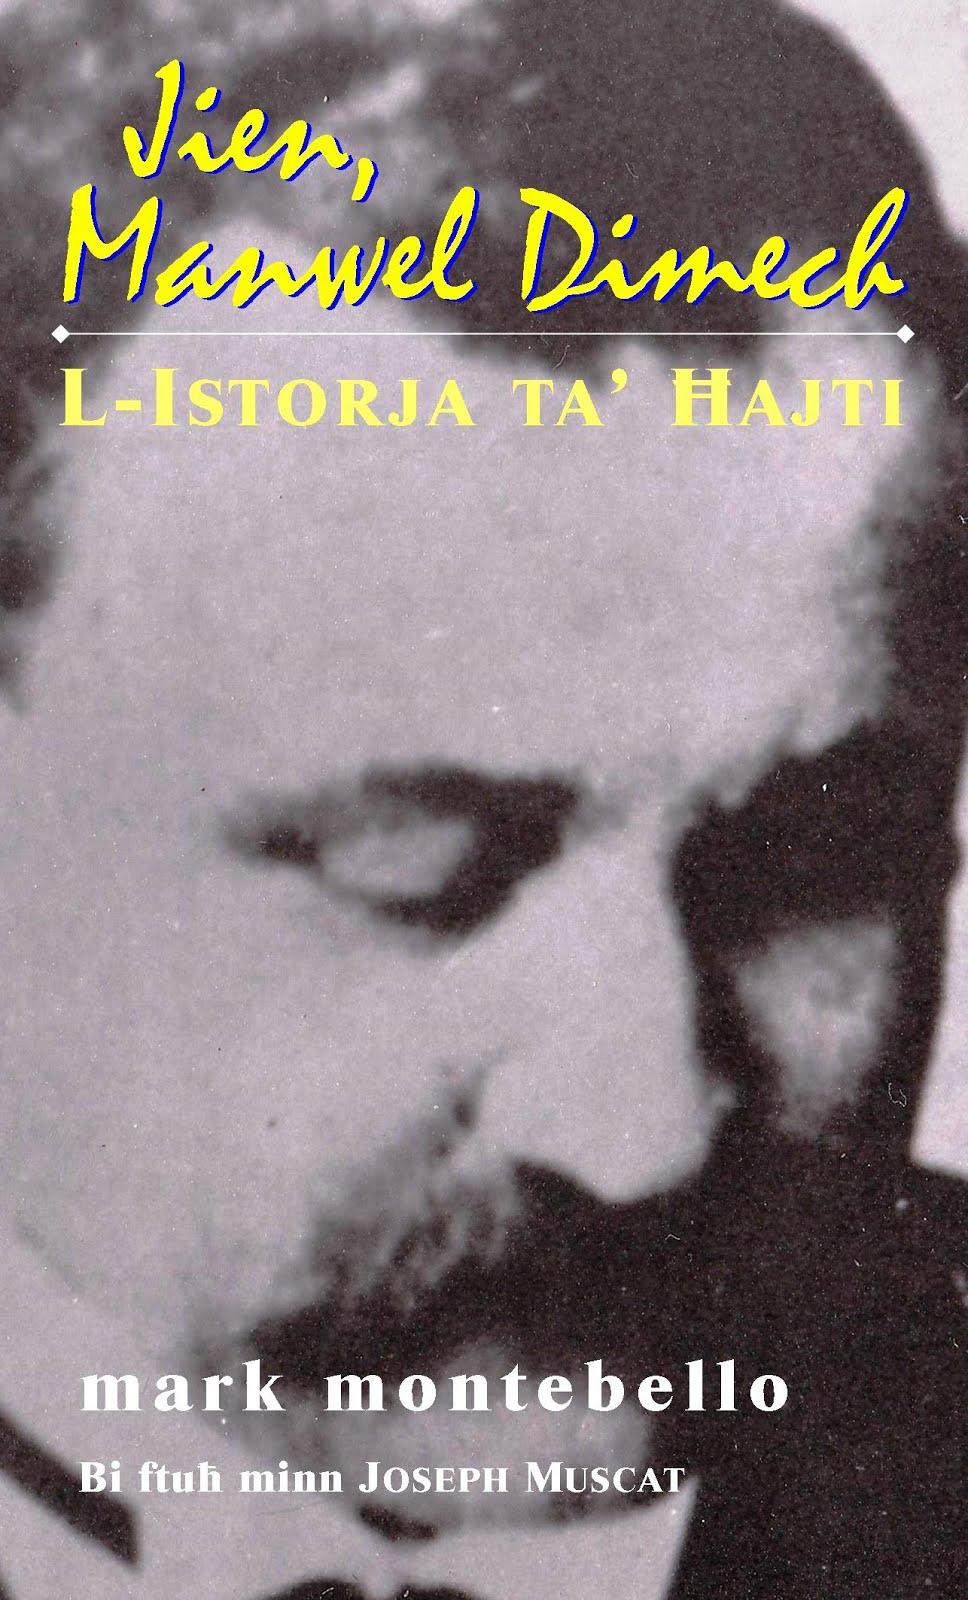 KTIEB MILL-ISBAĦ